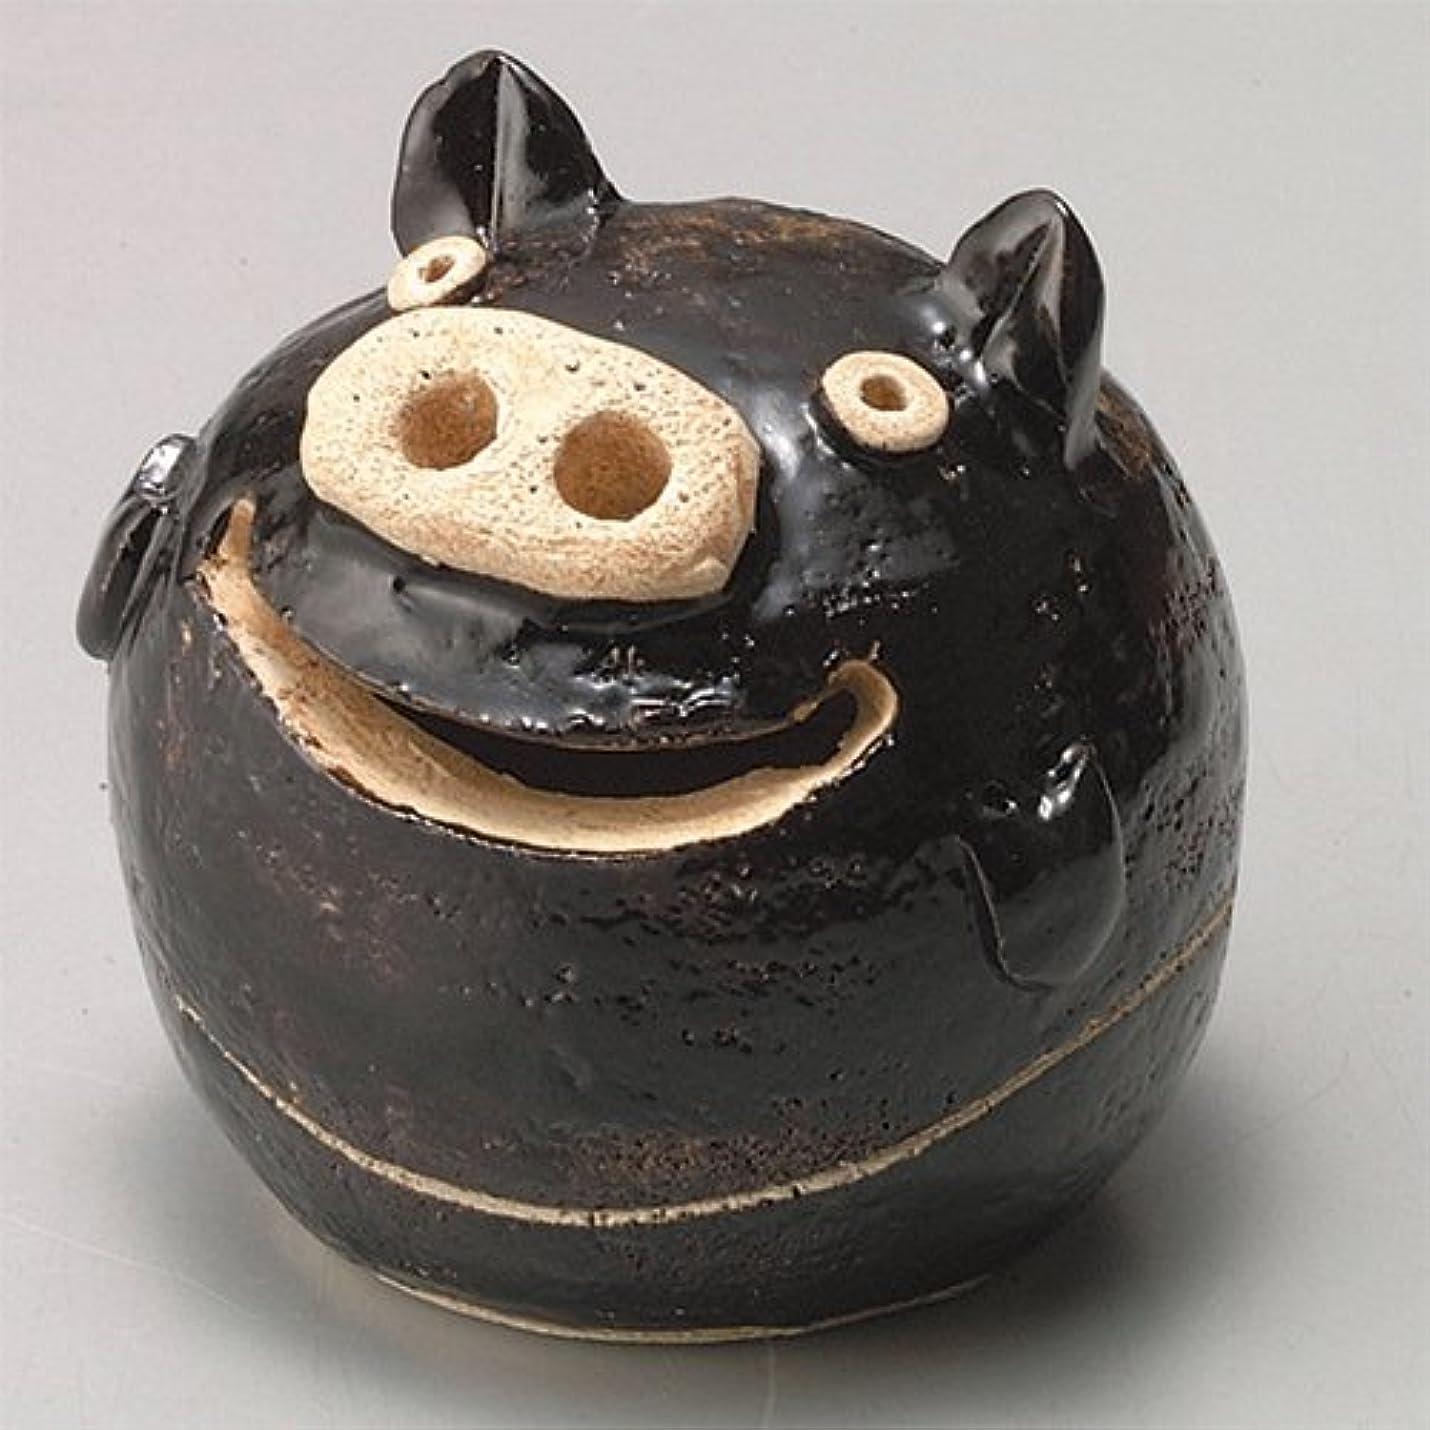 理論的編集者精巧な香炉 ぶた君 香炉(黒) [H9cm] HANDMADE プレゼント ギフト 和食器 かわいい インテリア